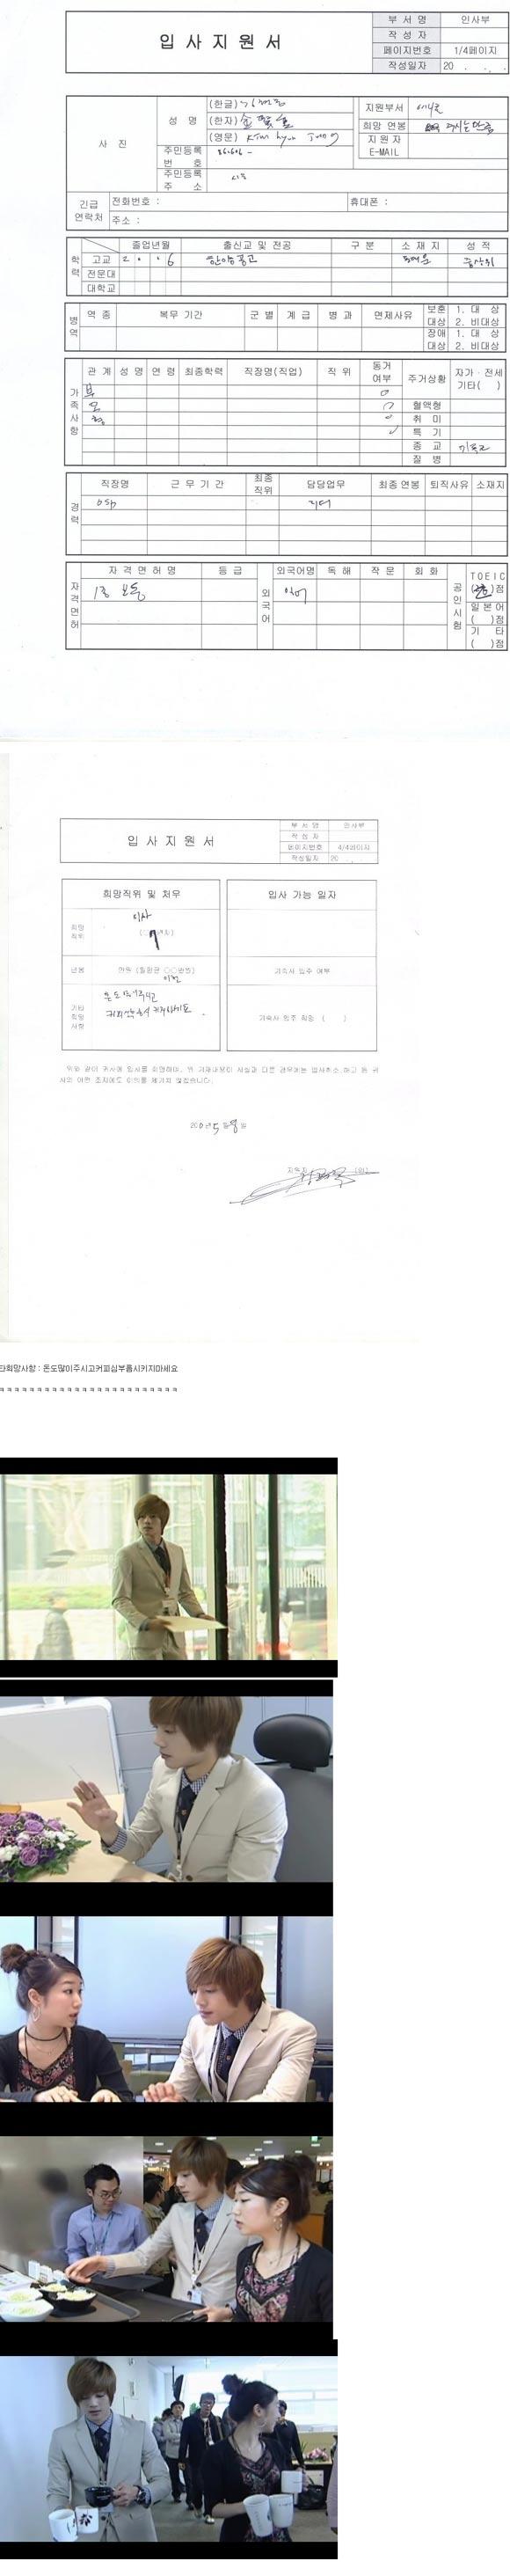 kim hyun joong anycall application